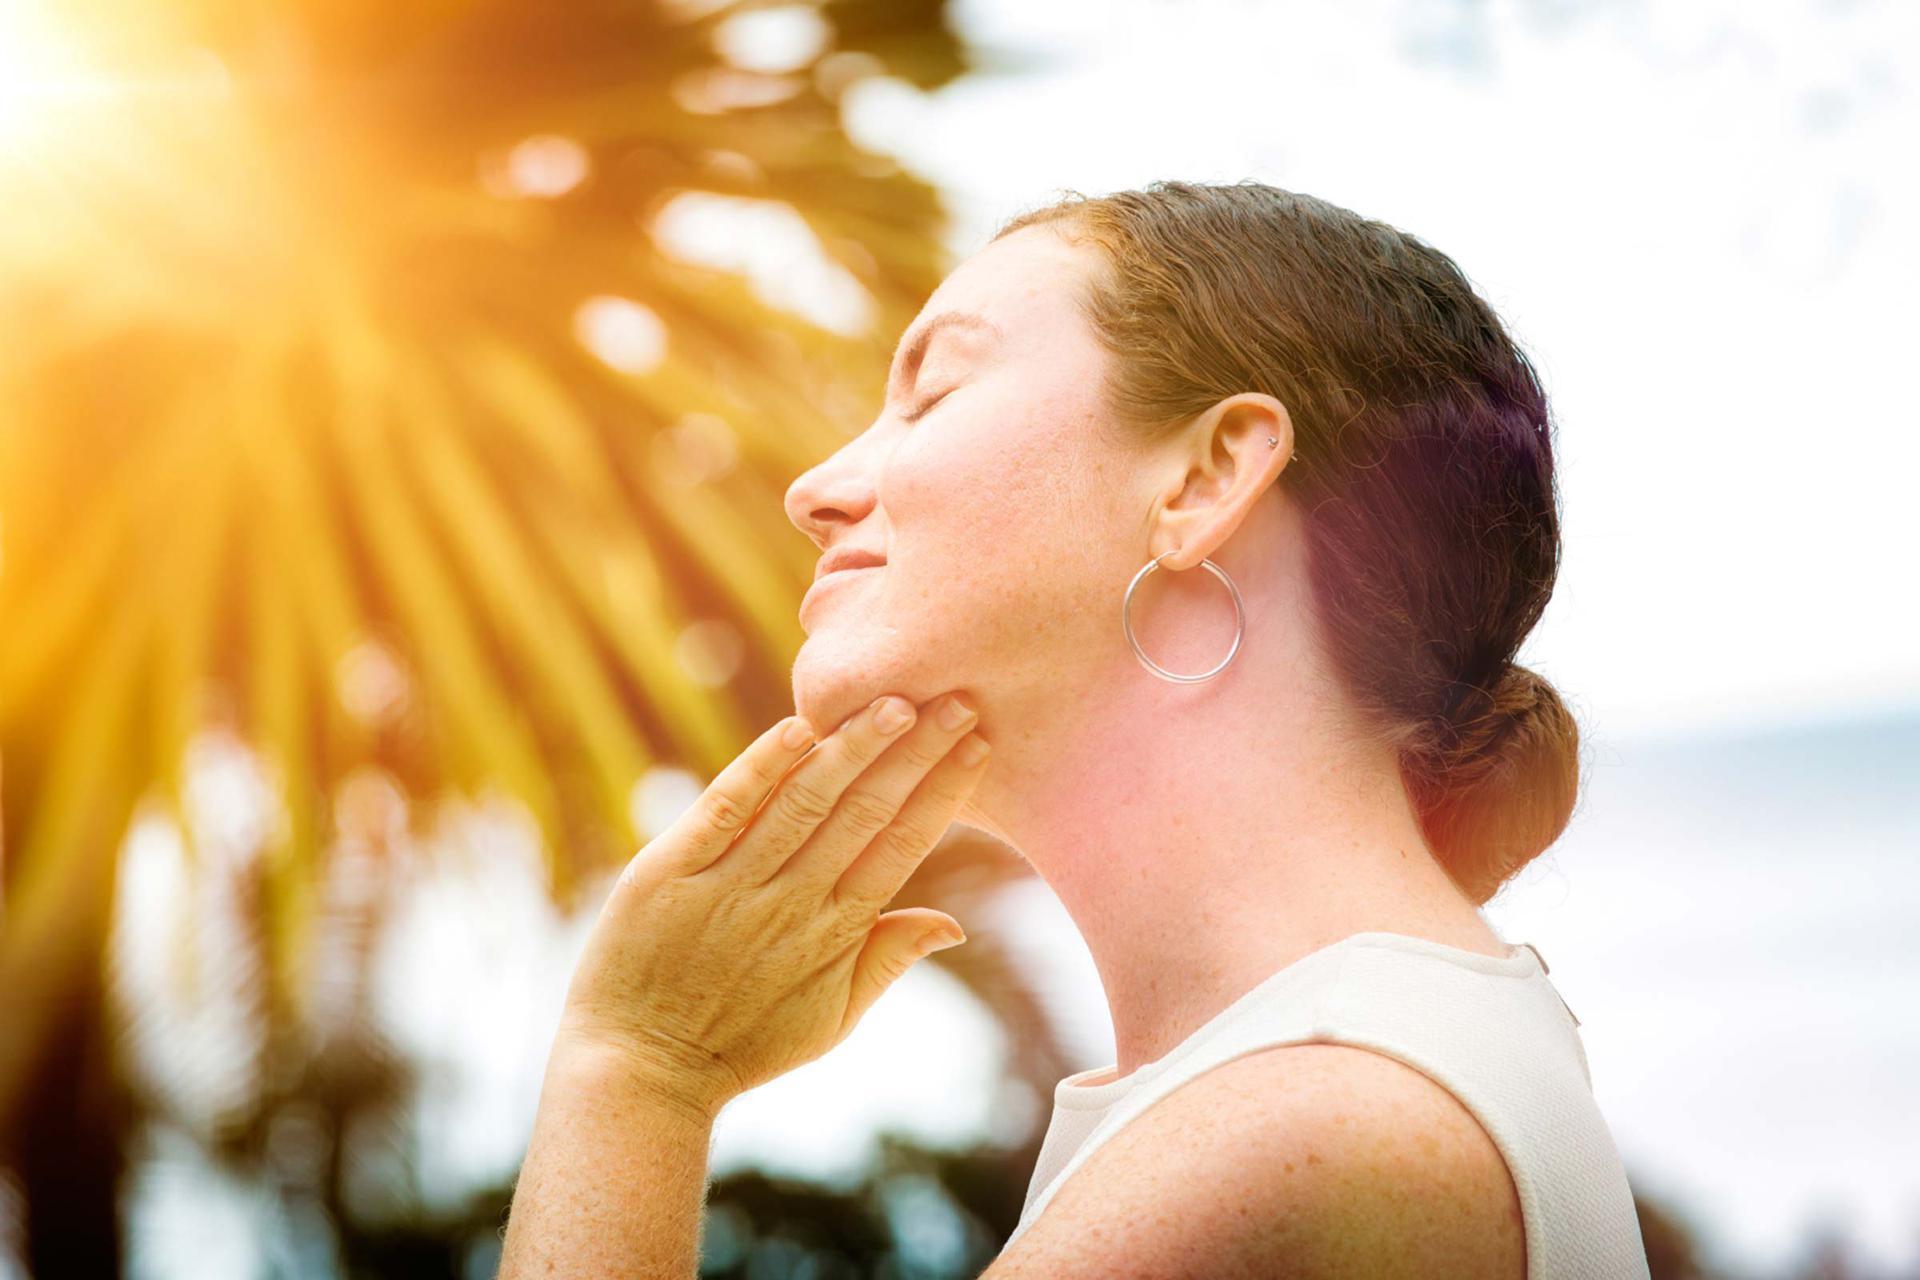 Protege tu piel con cosmética econatural. ¡Aprende cómo hacerlo en BioCultura!